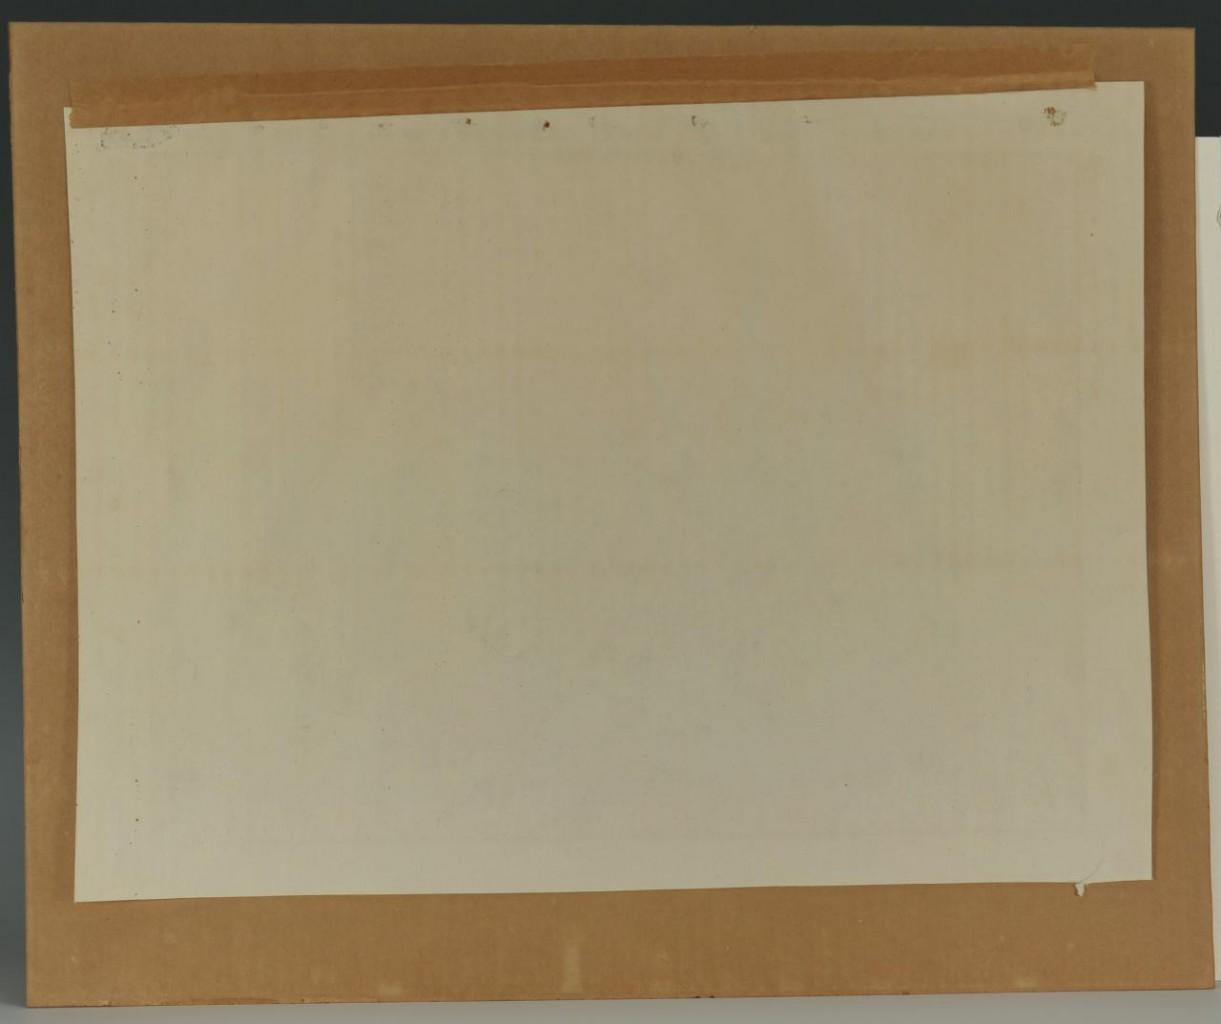 Lot 196: Jose Clemente Orozco Lithograph